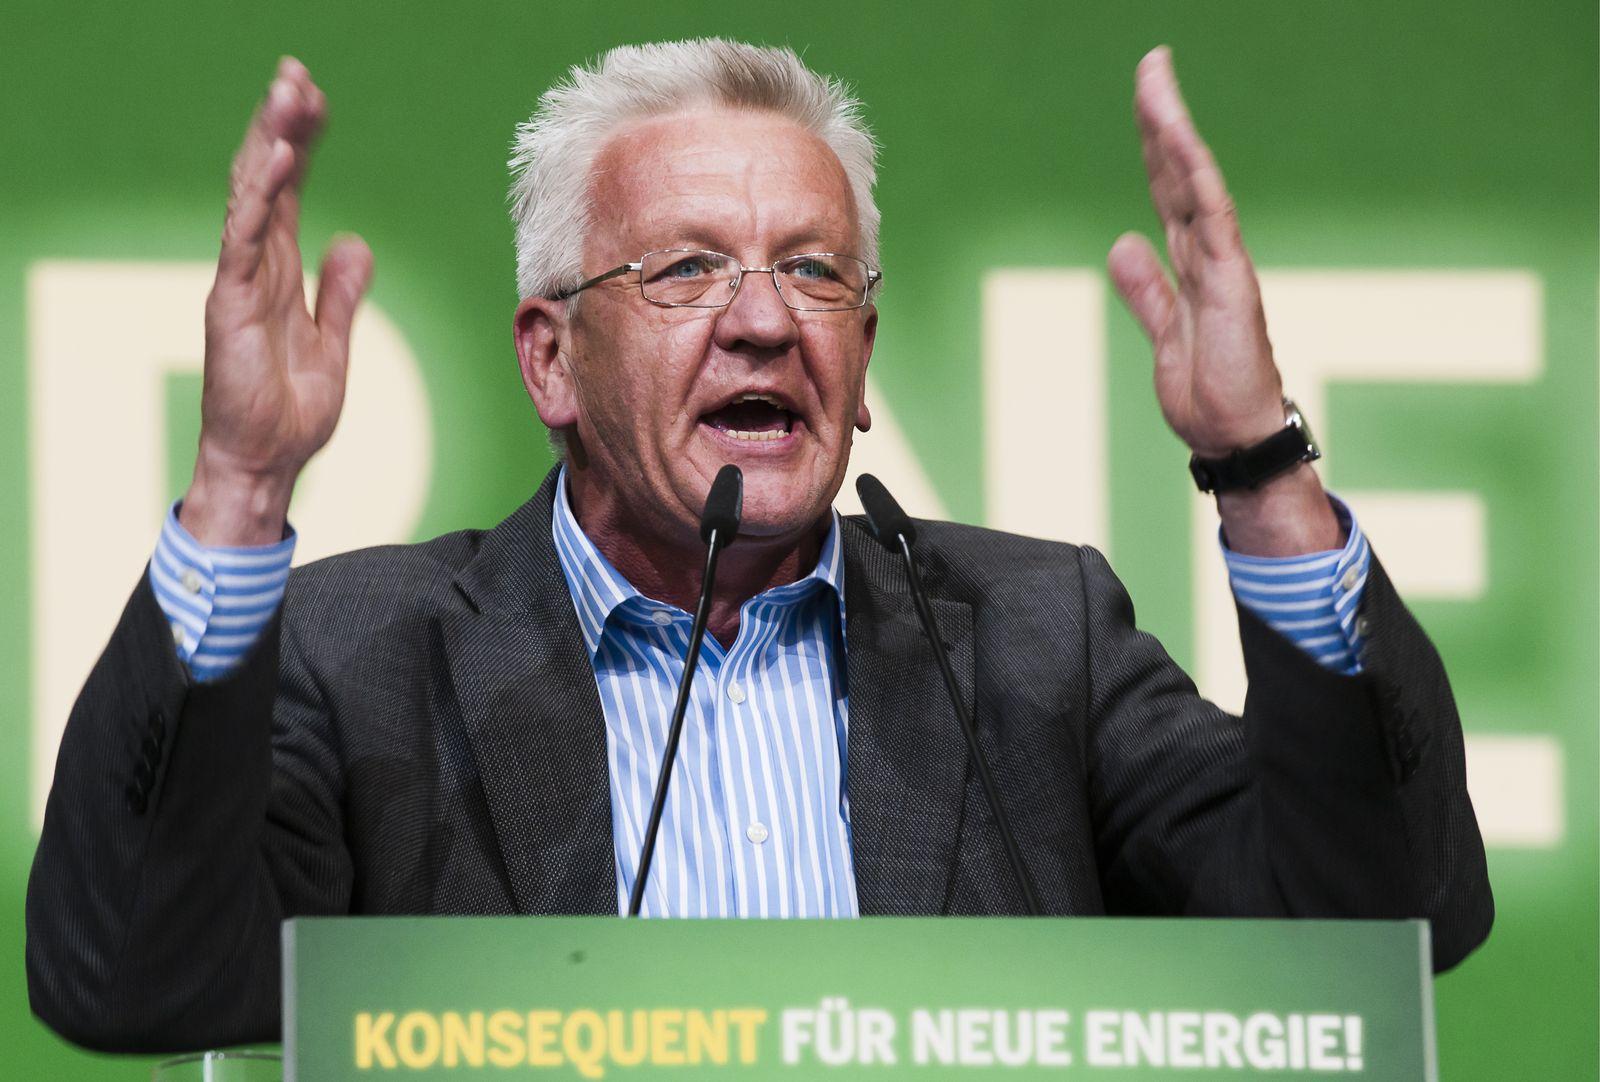 NICHT VERWENDEN Parteien/Energie/Atomkraft/Atom/Parteitage Grüne Kretschmann